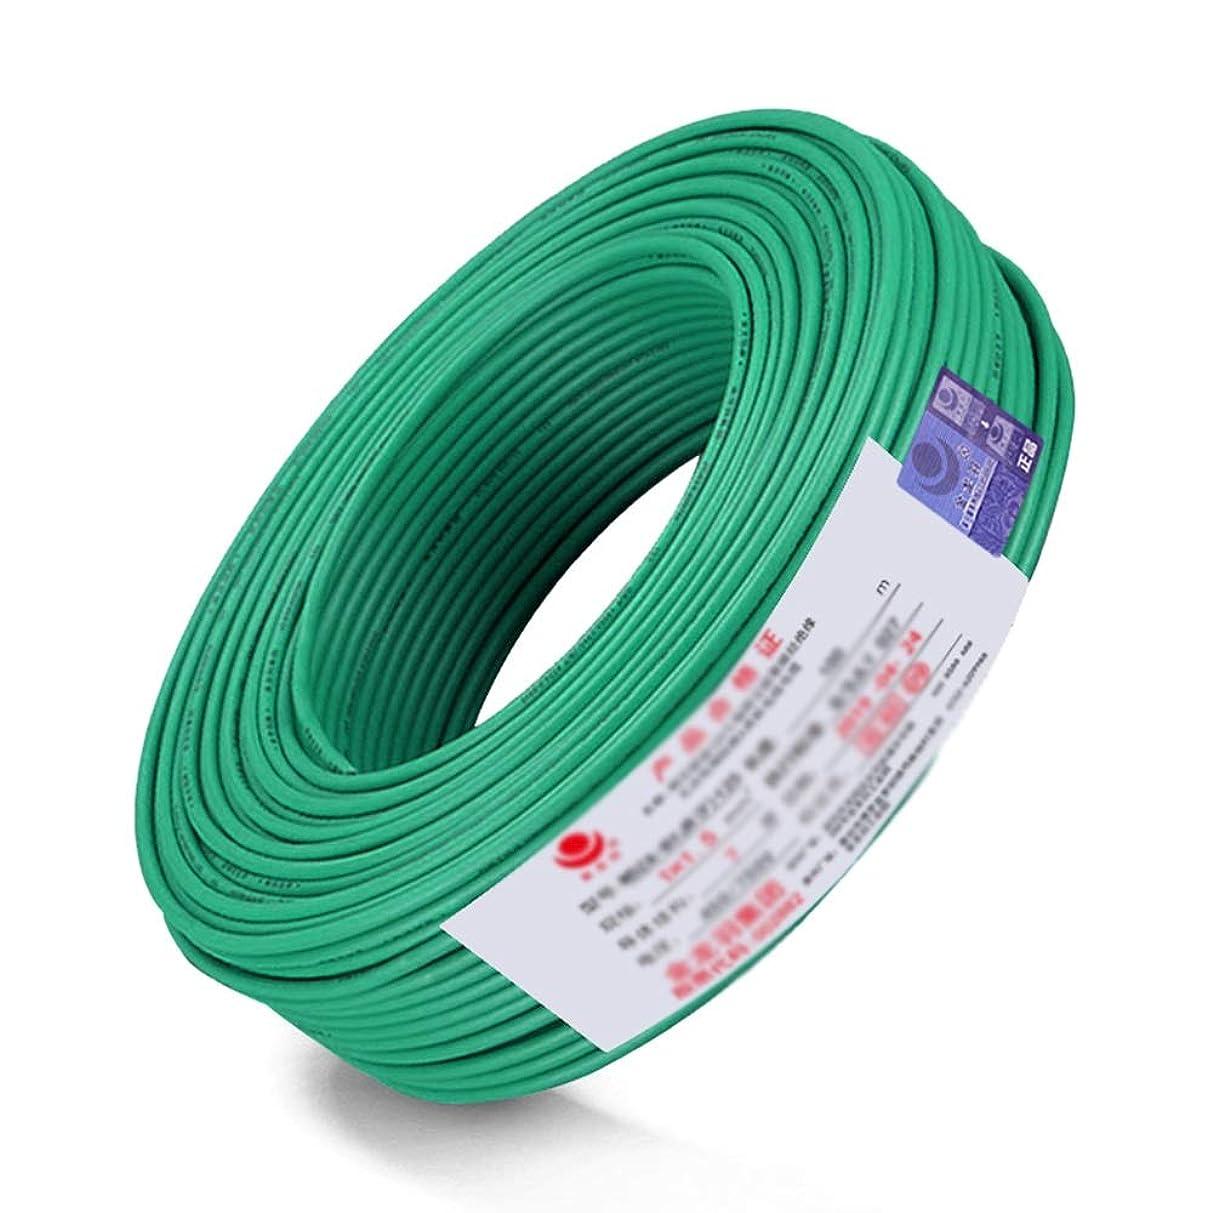 火炎連隊大使電線ケーブルZC-BVR6スクエアGB銅線のシングルコアのマルチストランド柔らかいライン難燃剤ホーム改善ワイヤー100 M (Color : E)